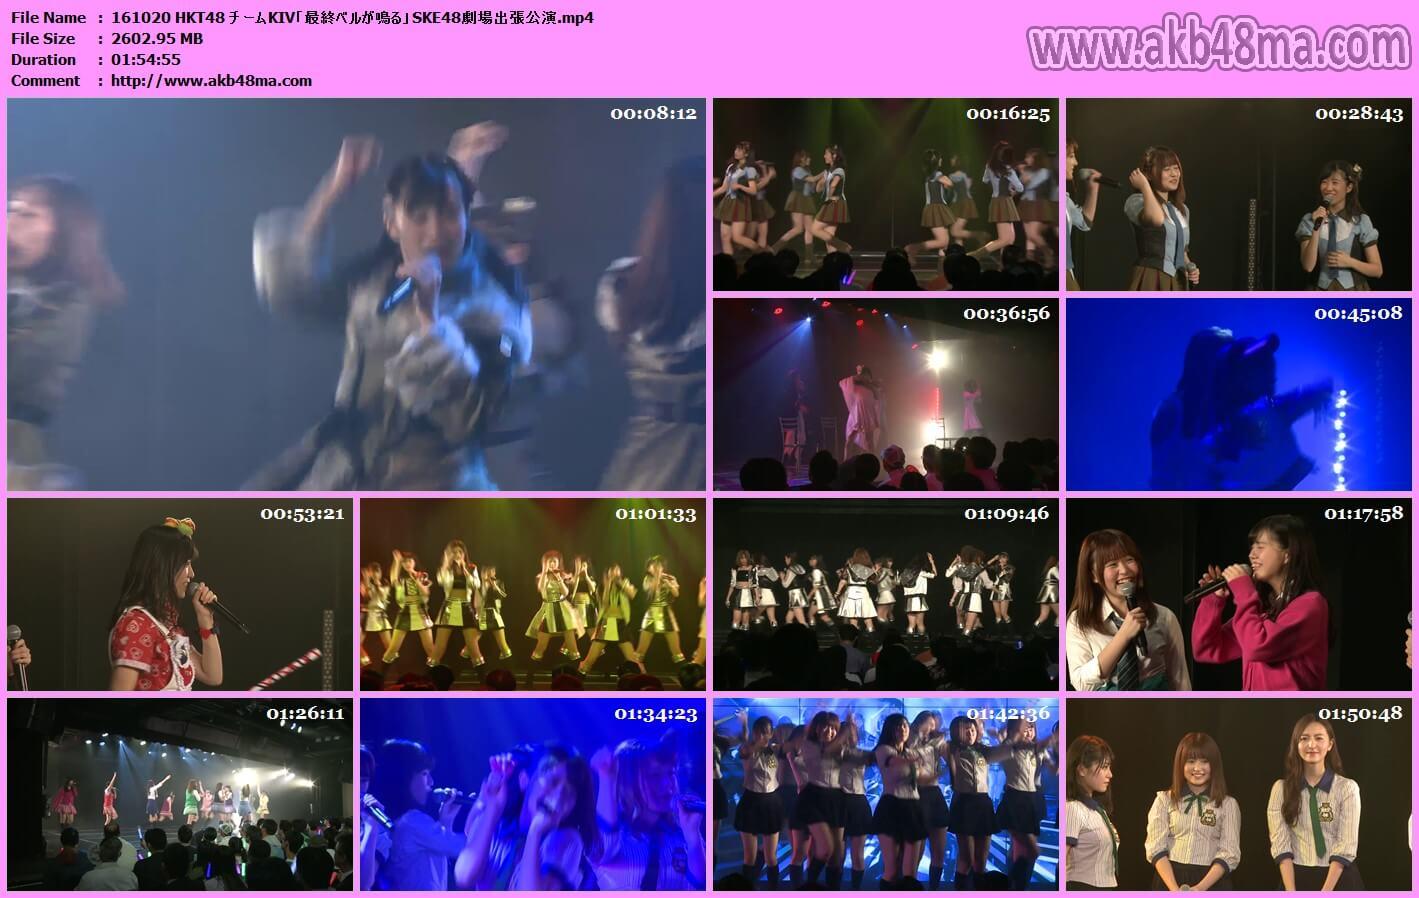 【公演配信】161020 HKT48 チームKIV「最終ベルが鳴る」